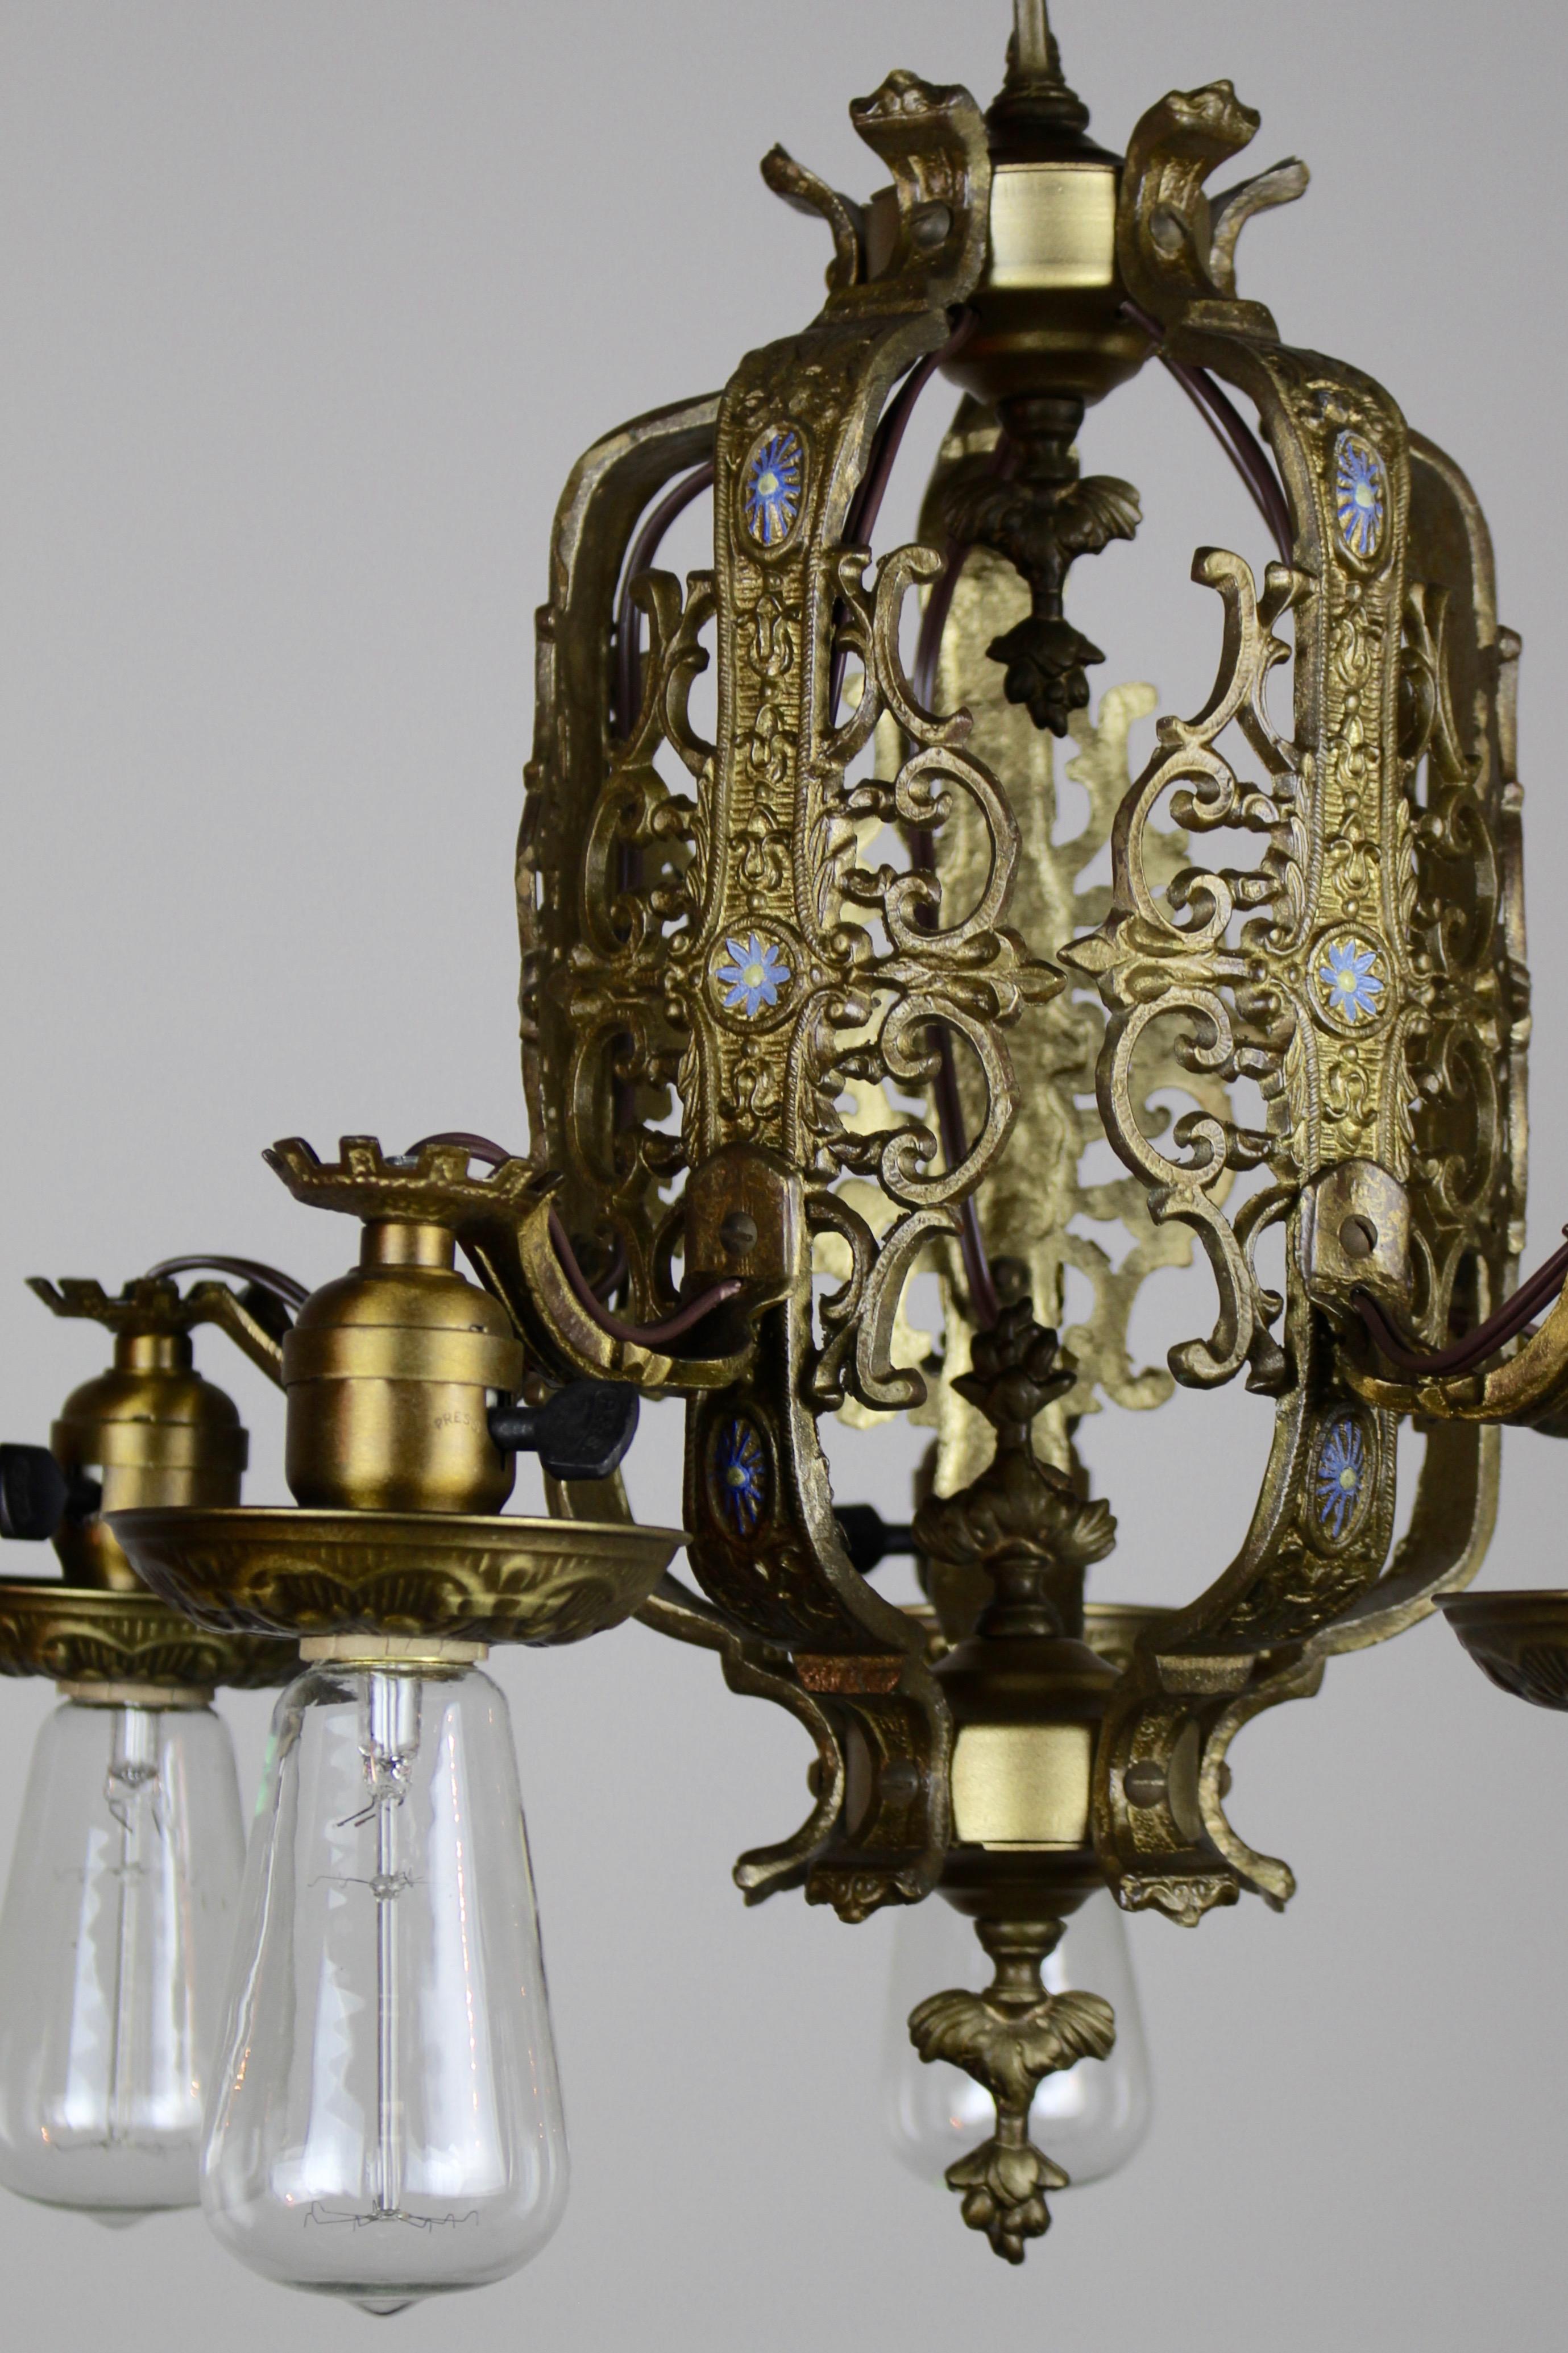 Cast Brass Italian Renaissance Revival Dining Room Fixture